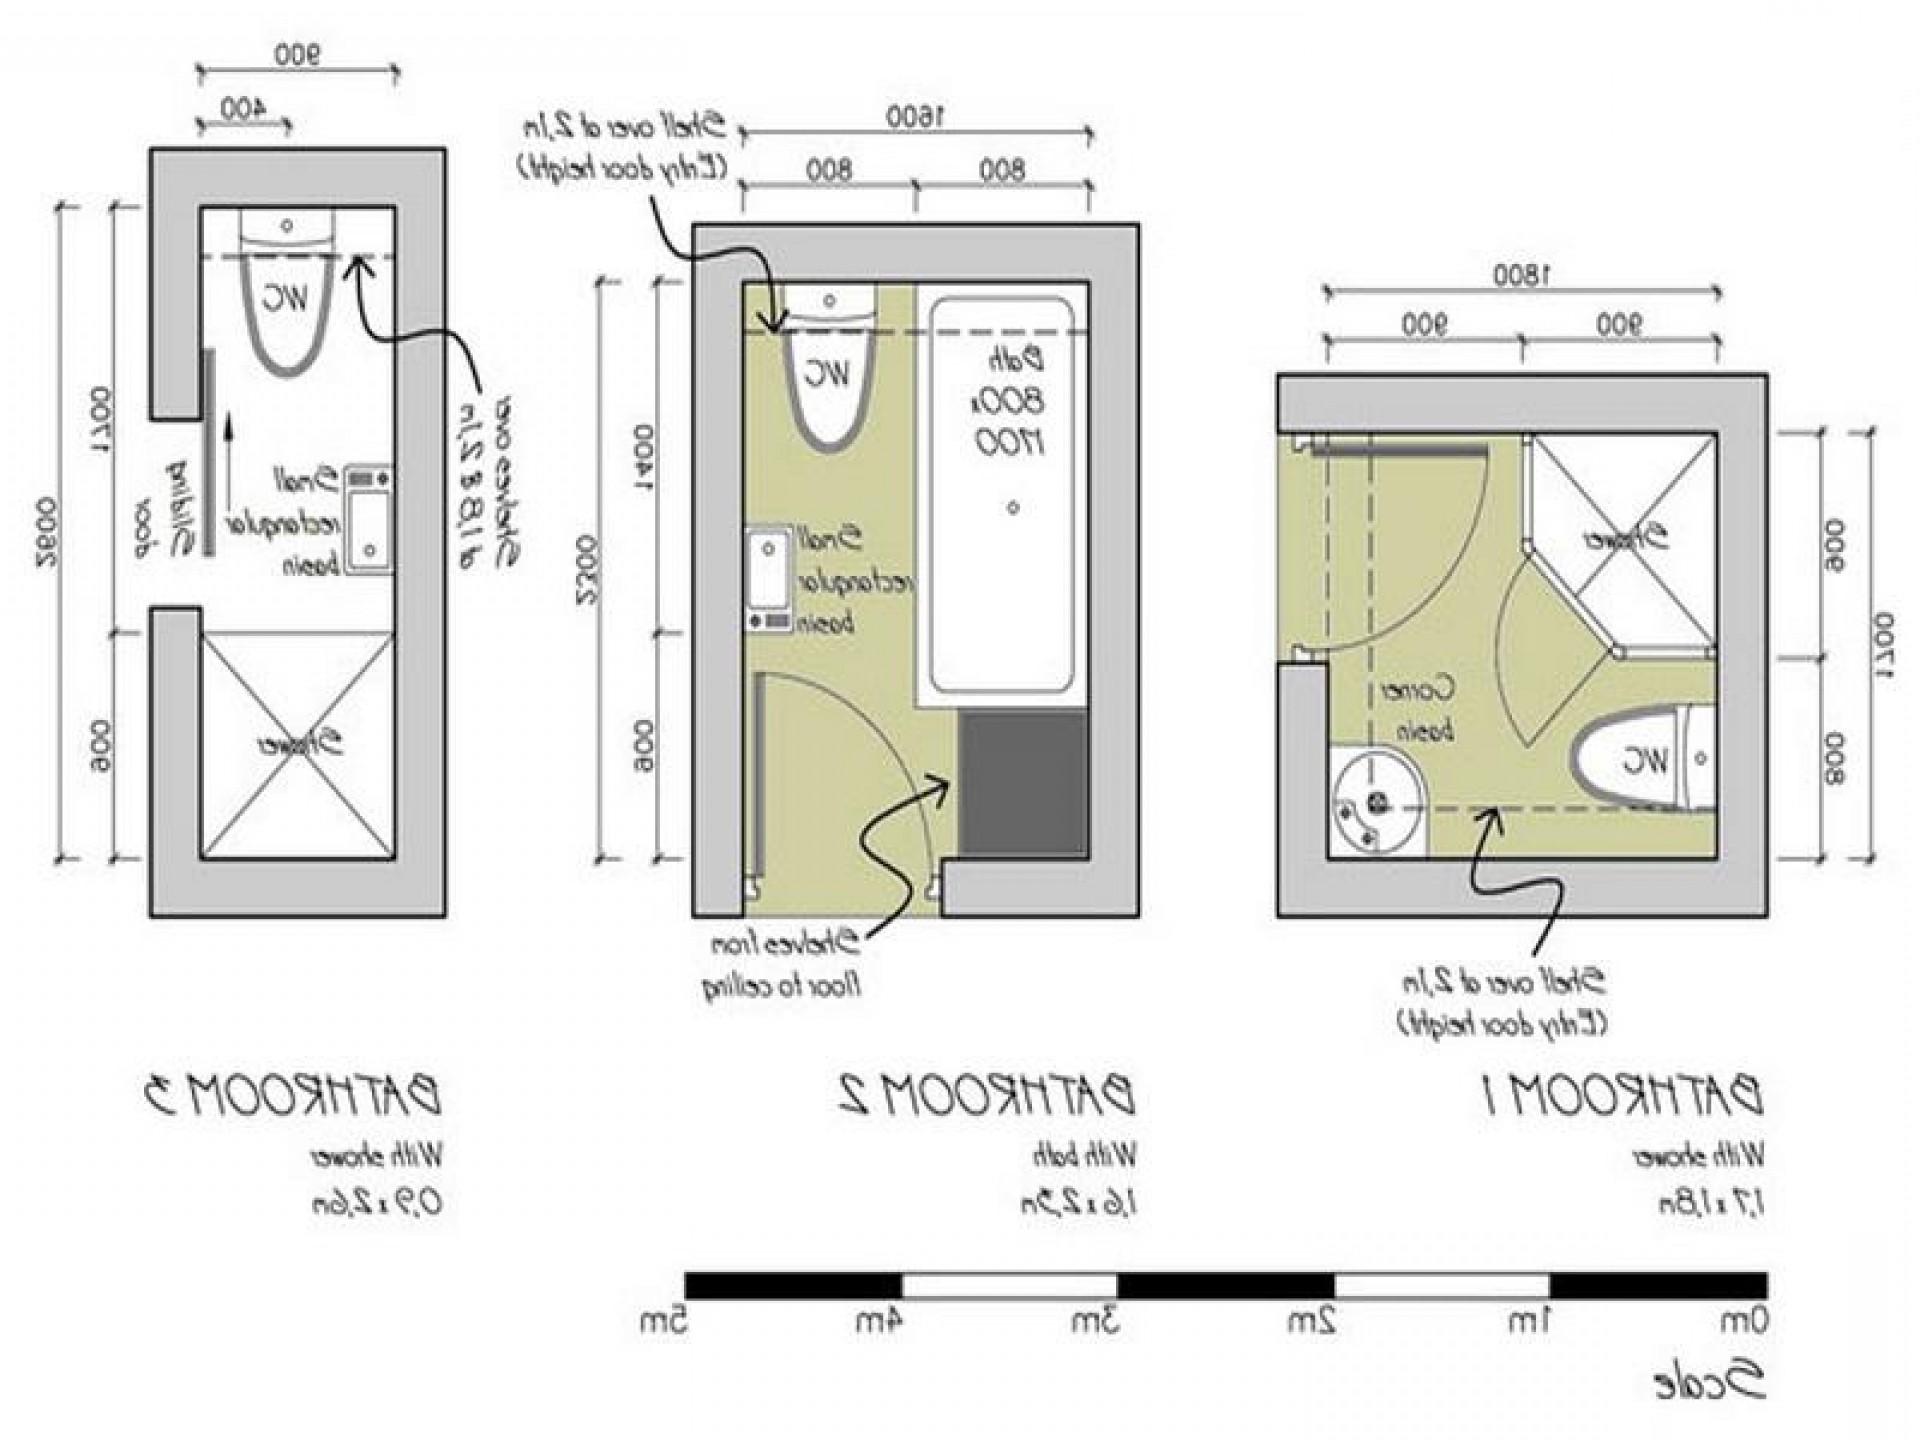 Bathroom Floor Plans Incredible Pact Bathroom Floor Plans Plan Image